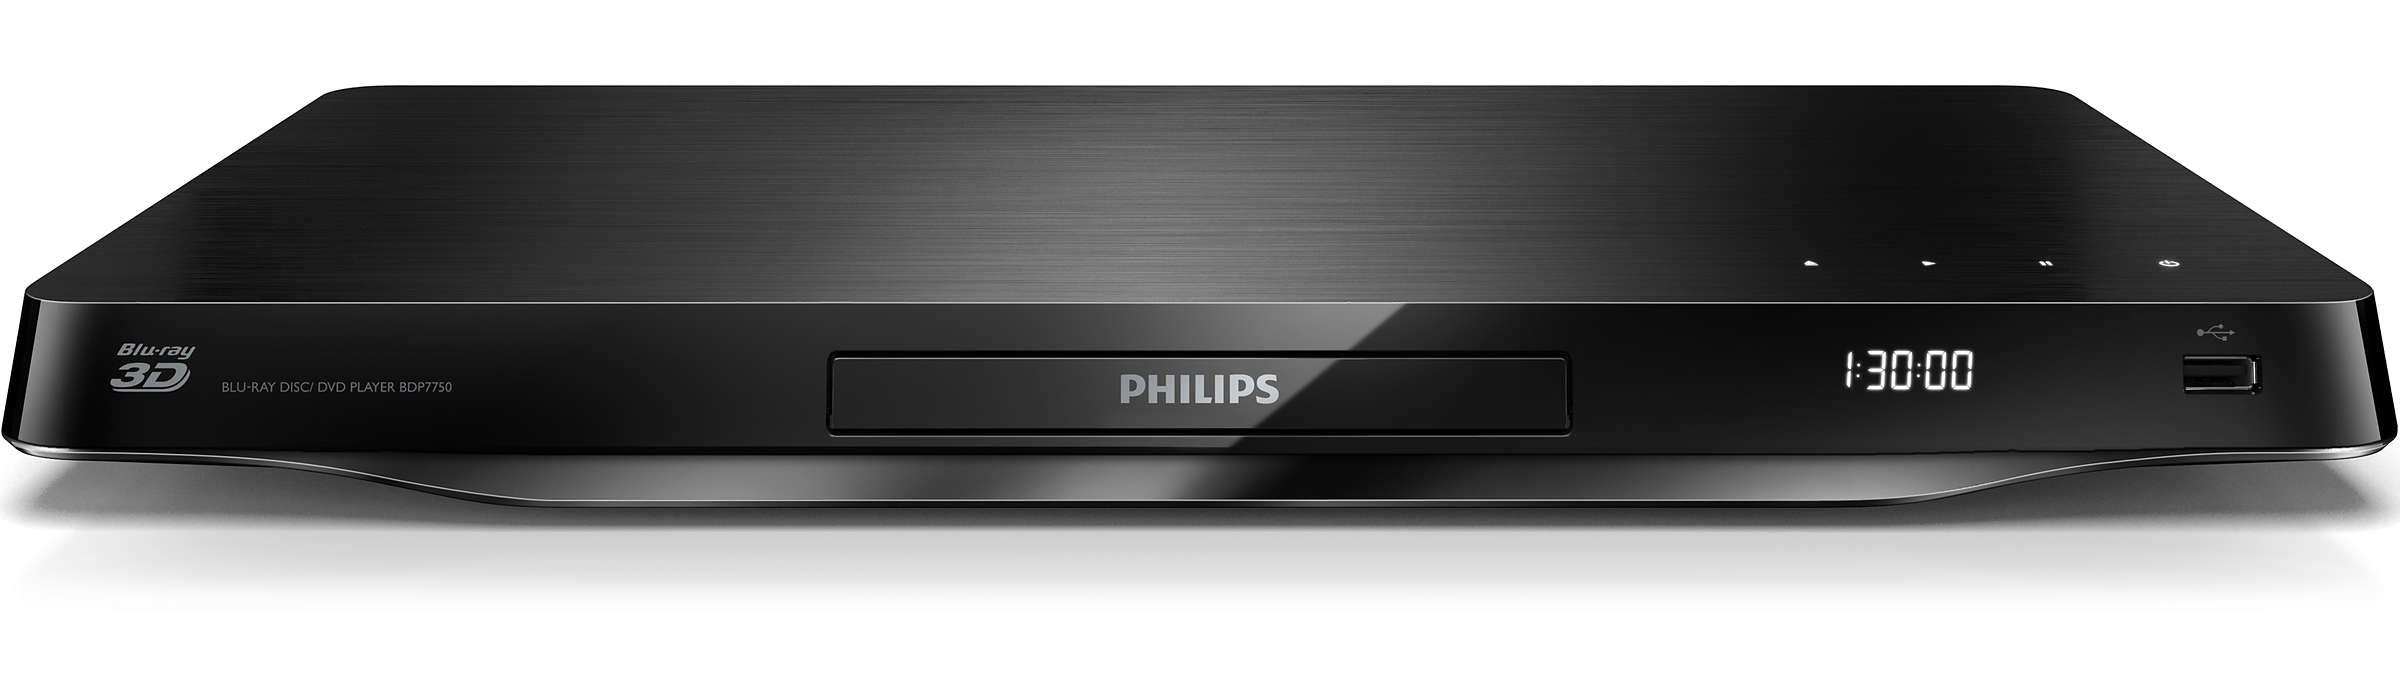 Dokonalý spoločník pre váš televízor 4K Ultra HD